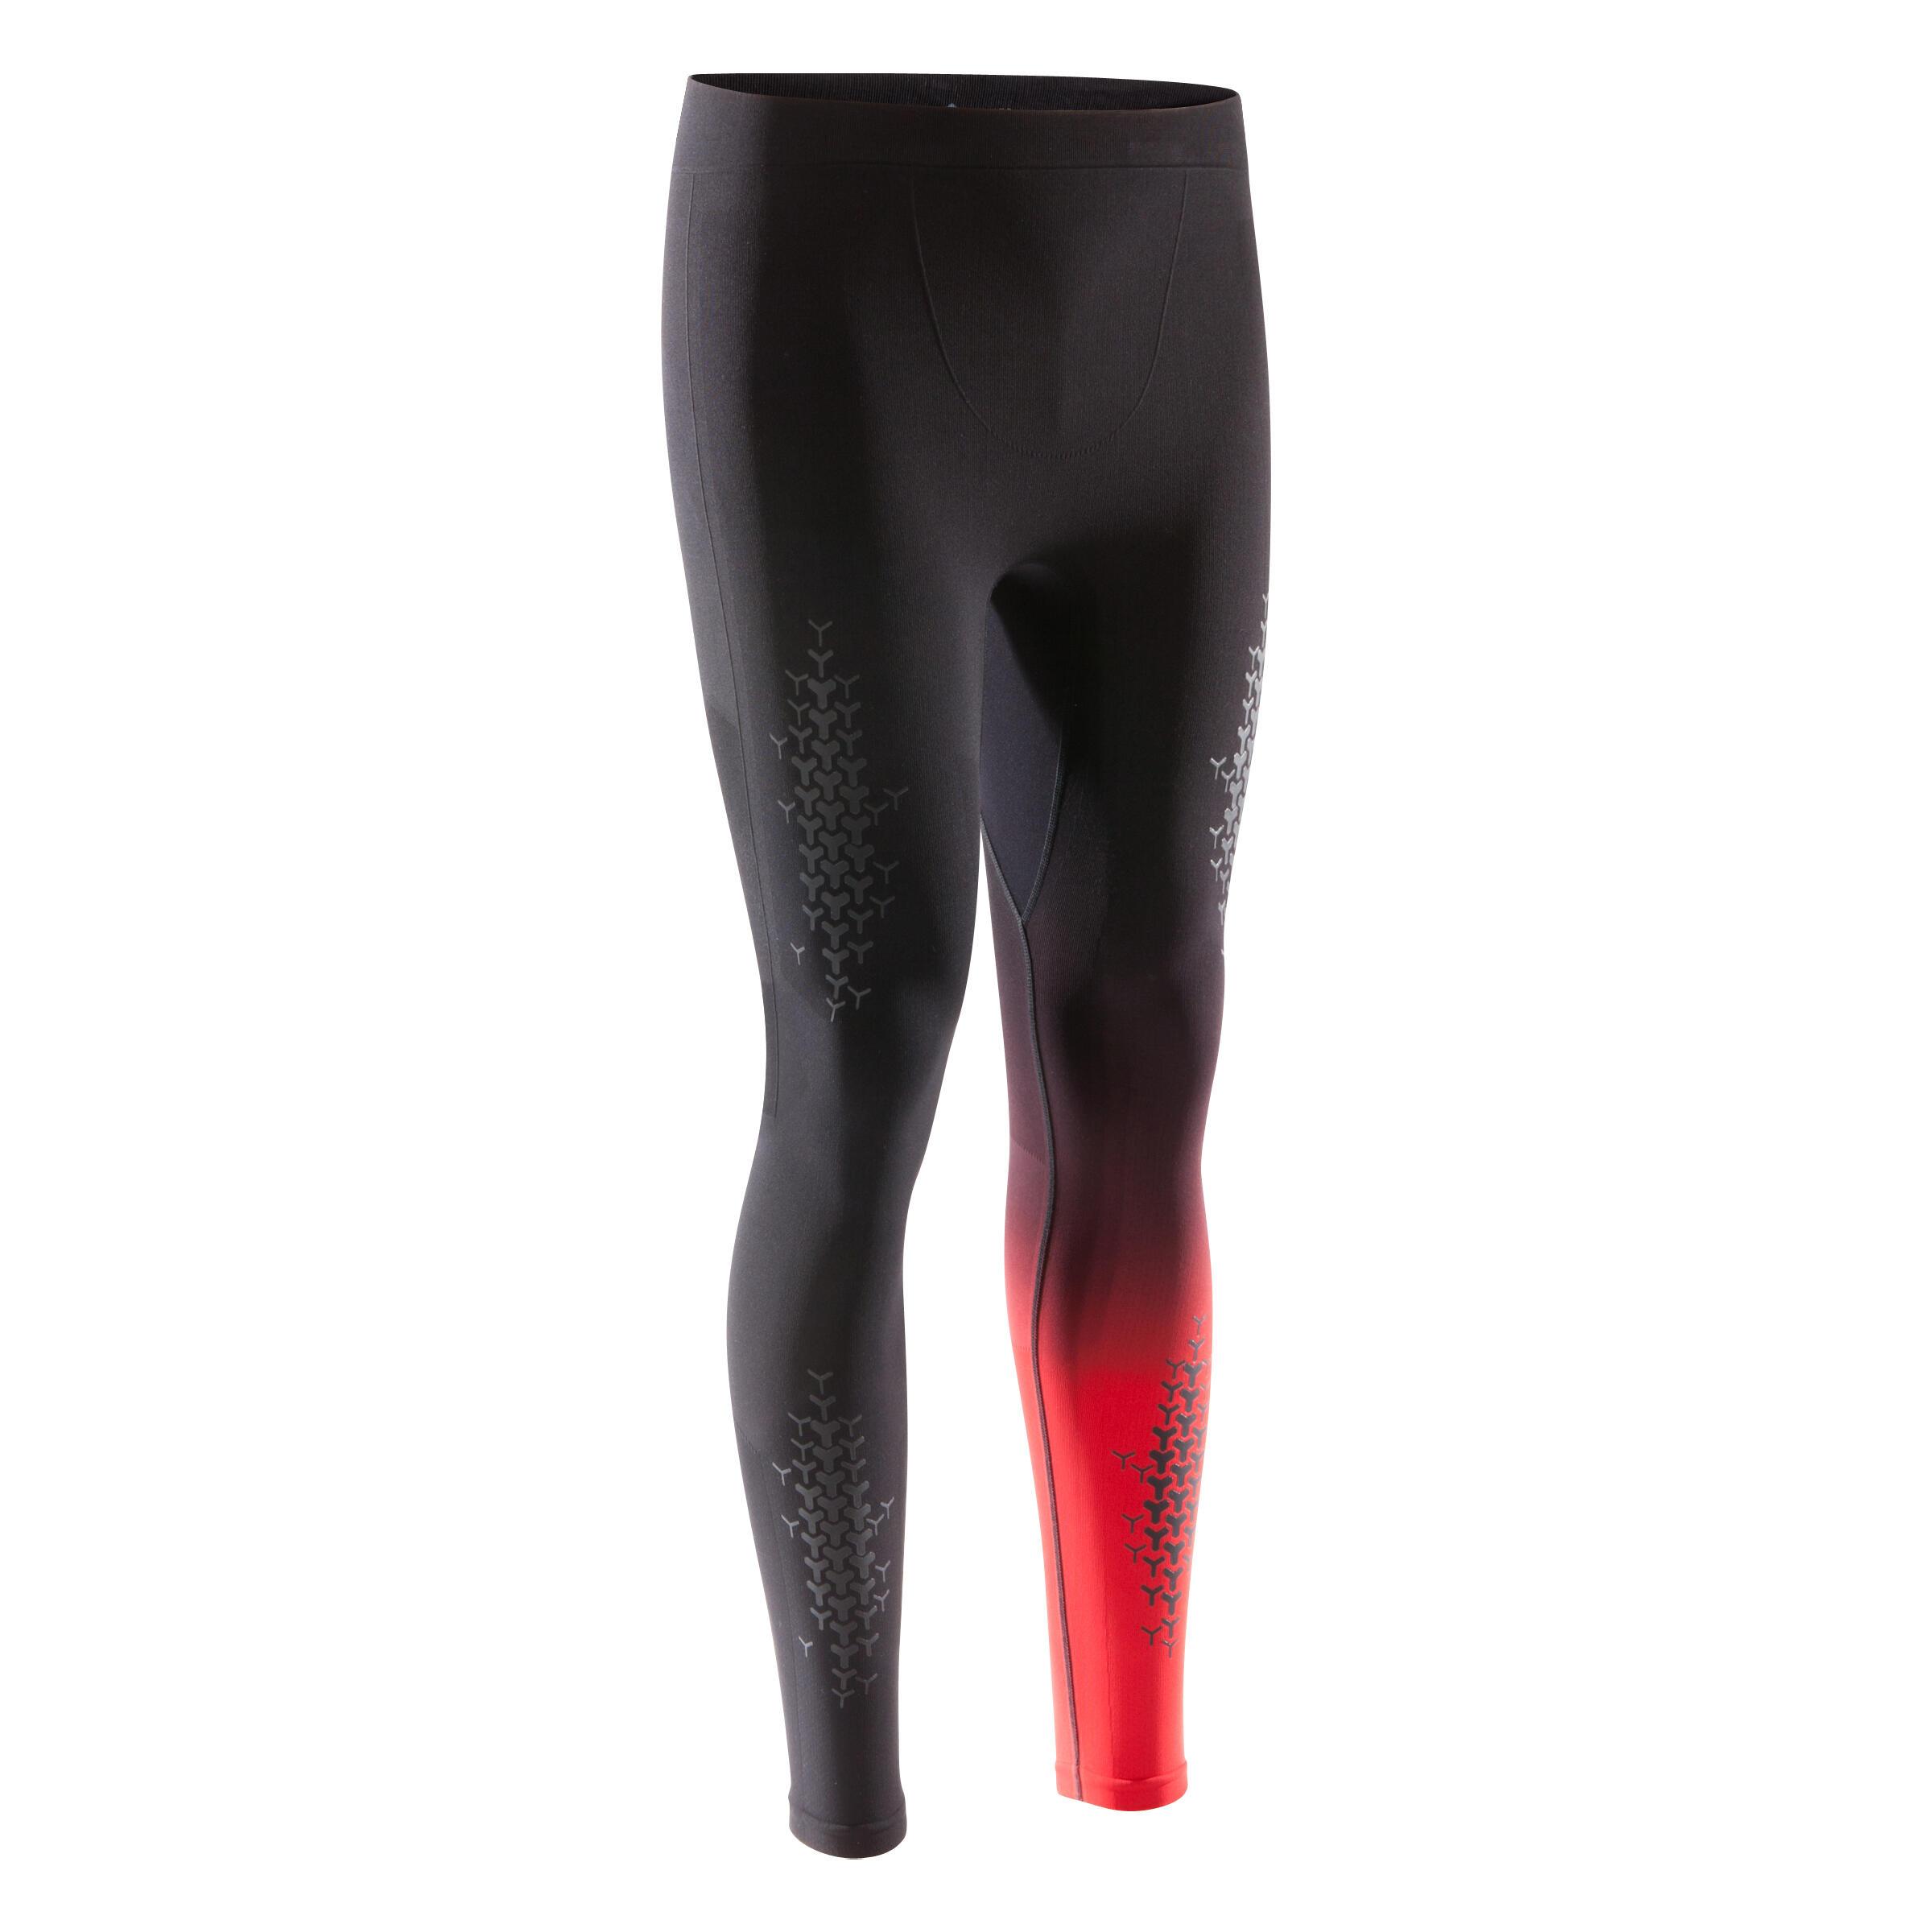 900 Cross Training Leggings - Black/Red